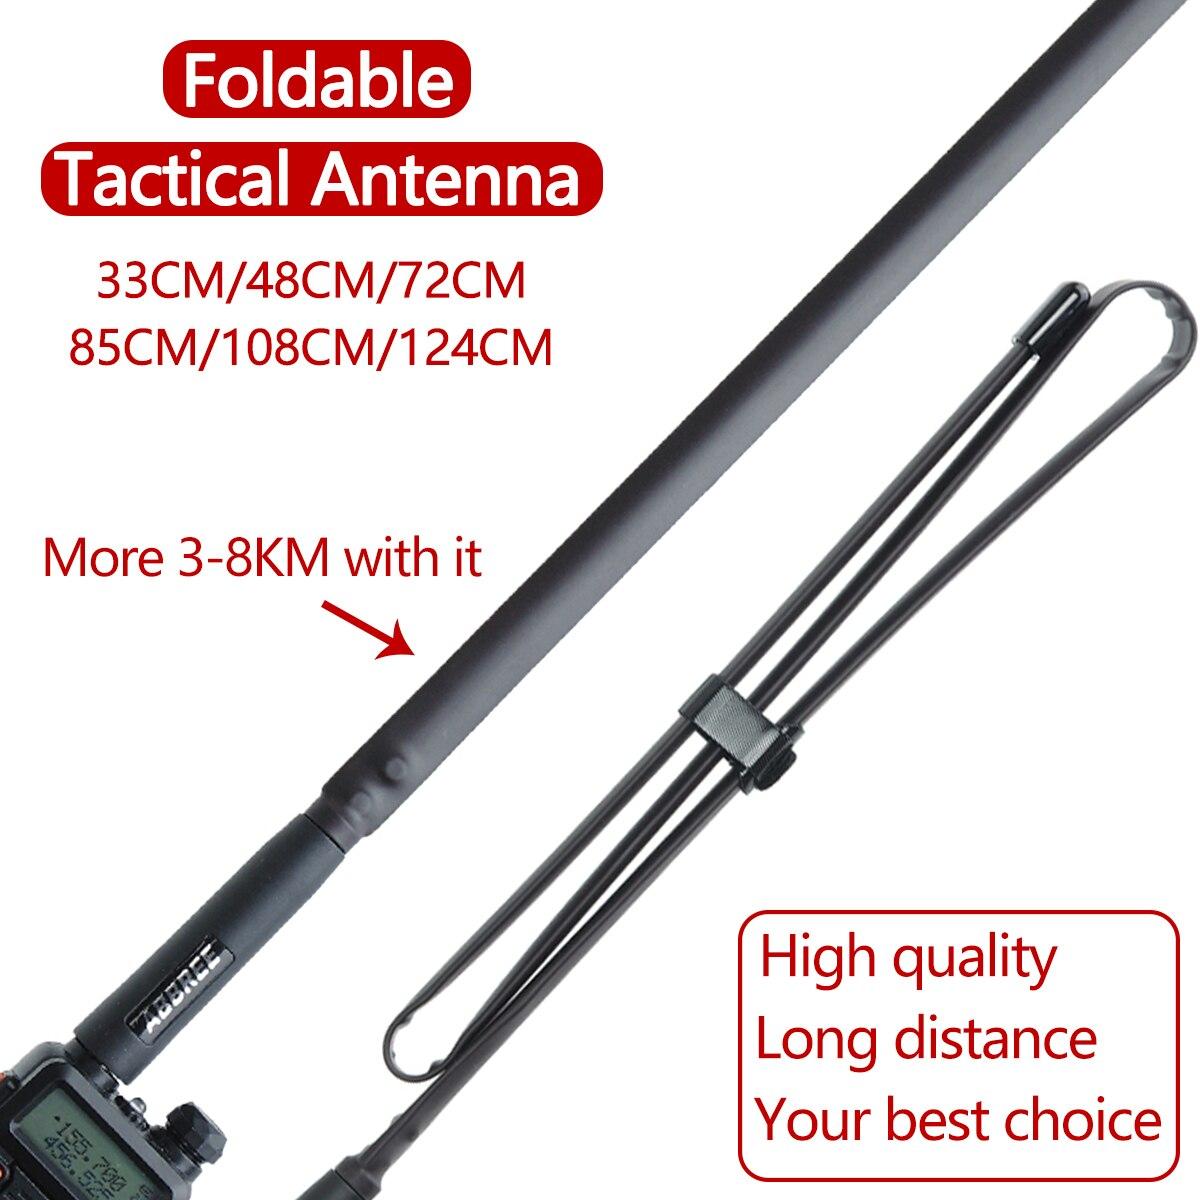 ABBREE SMA-Female Dual Band VHF UHF 144/430Mhz Foldable Tactical Antenna ForBaofeng UV-5R UV-82 BF-888S UV-9RPLUS Walkie Talkie